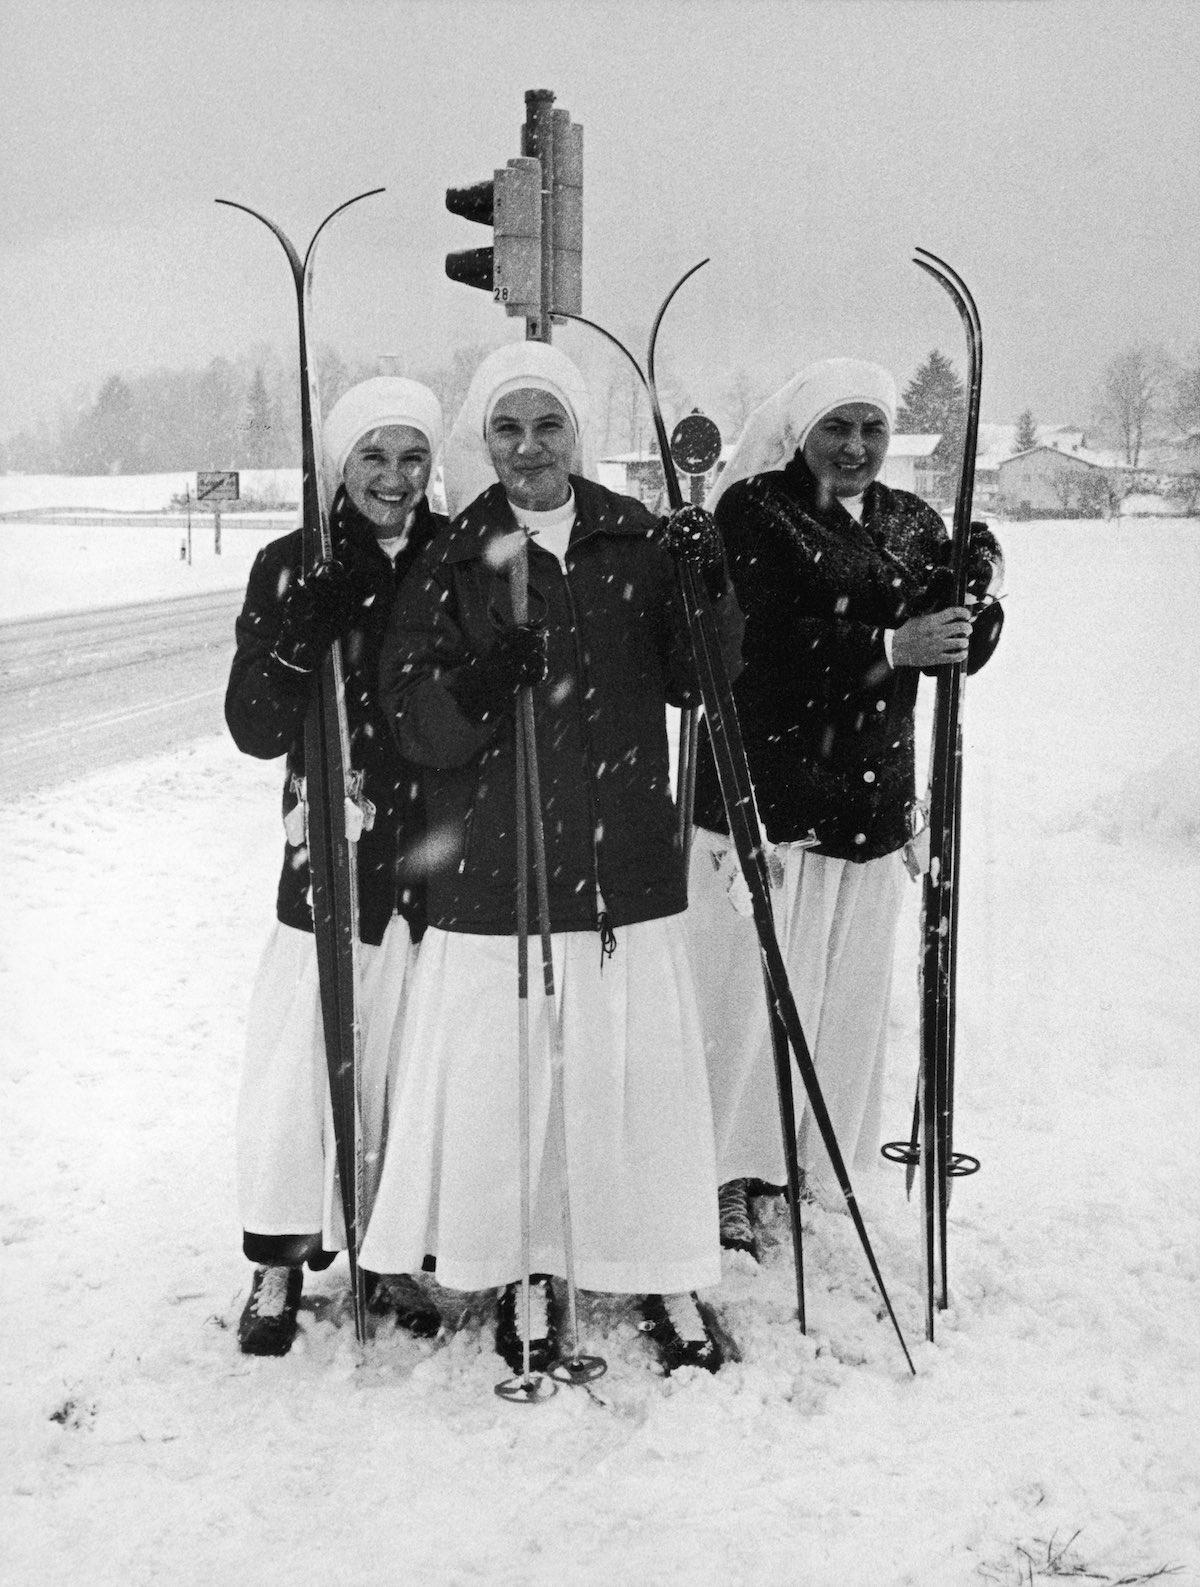 1979 год. Три монахини из детского госпиталя в Баварии в свободное время занимаются лыжным спортом.